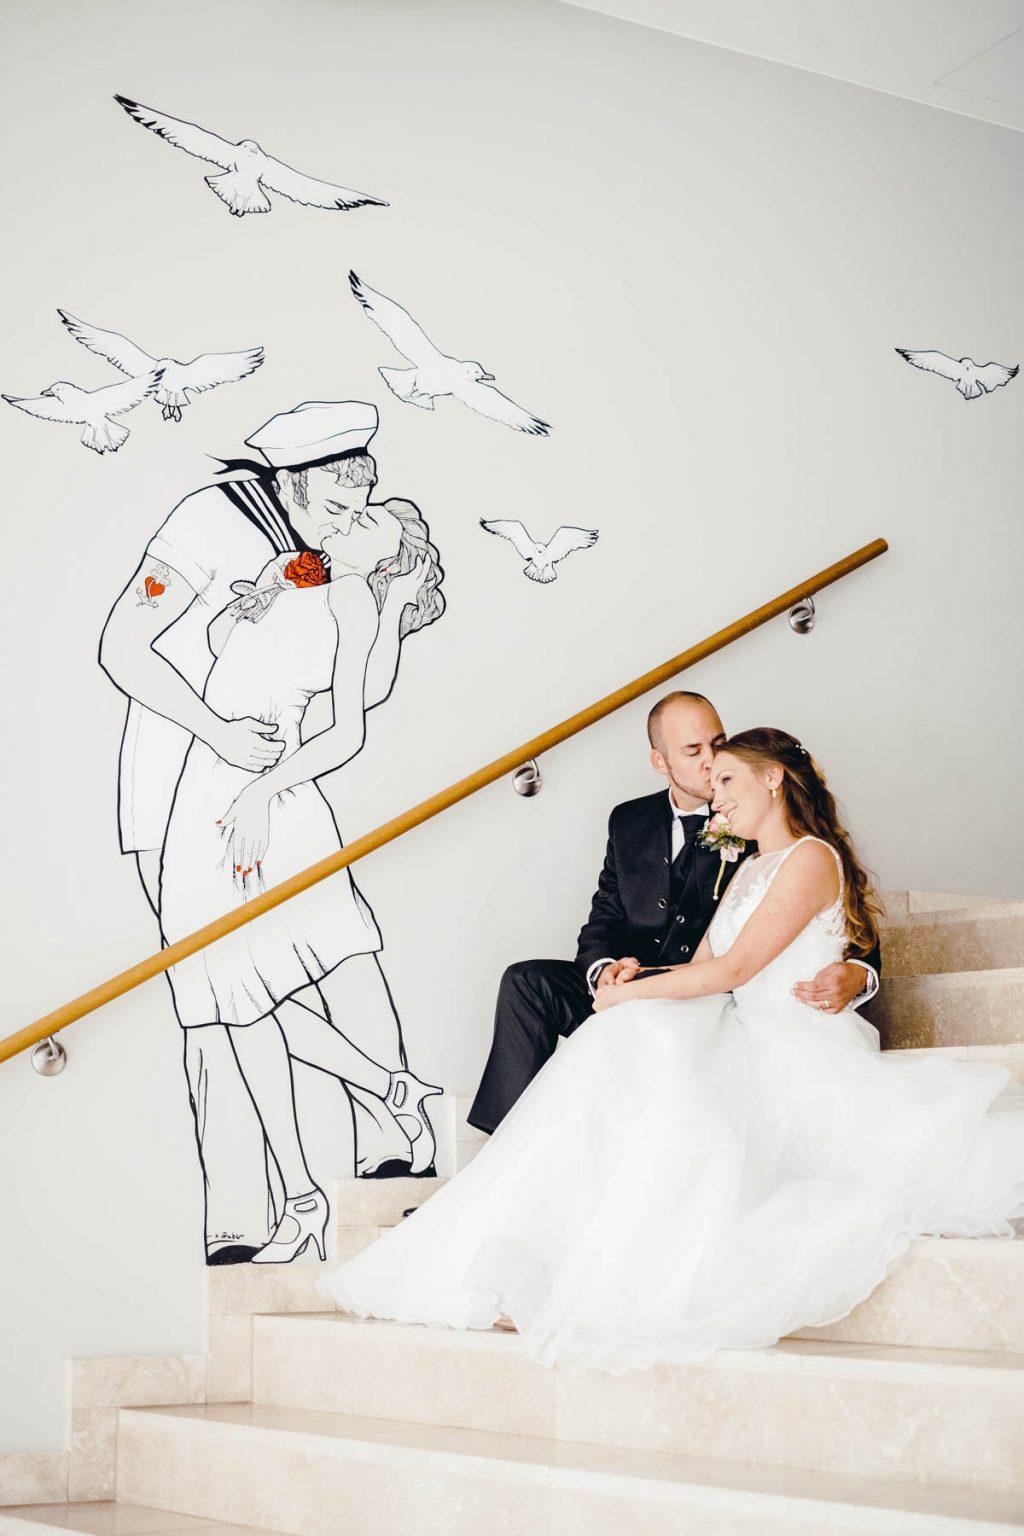 Hochzeitsportrait mit Matrosenbild